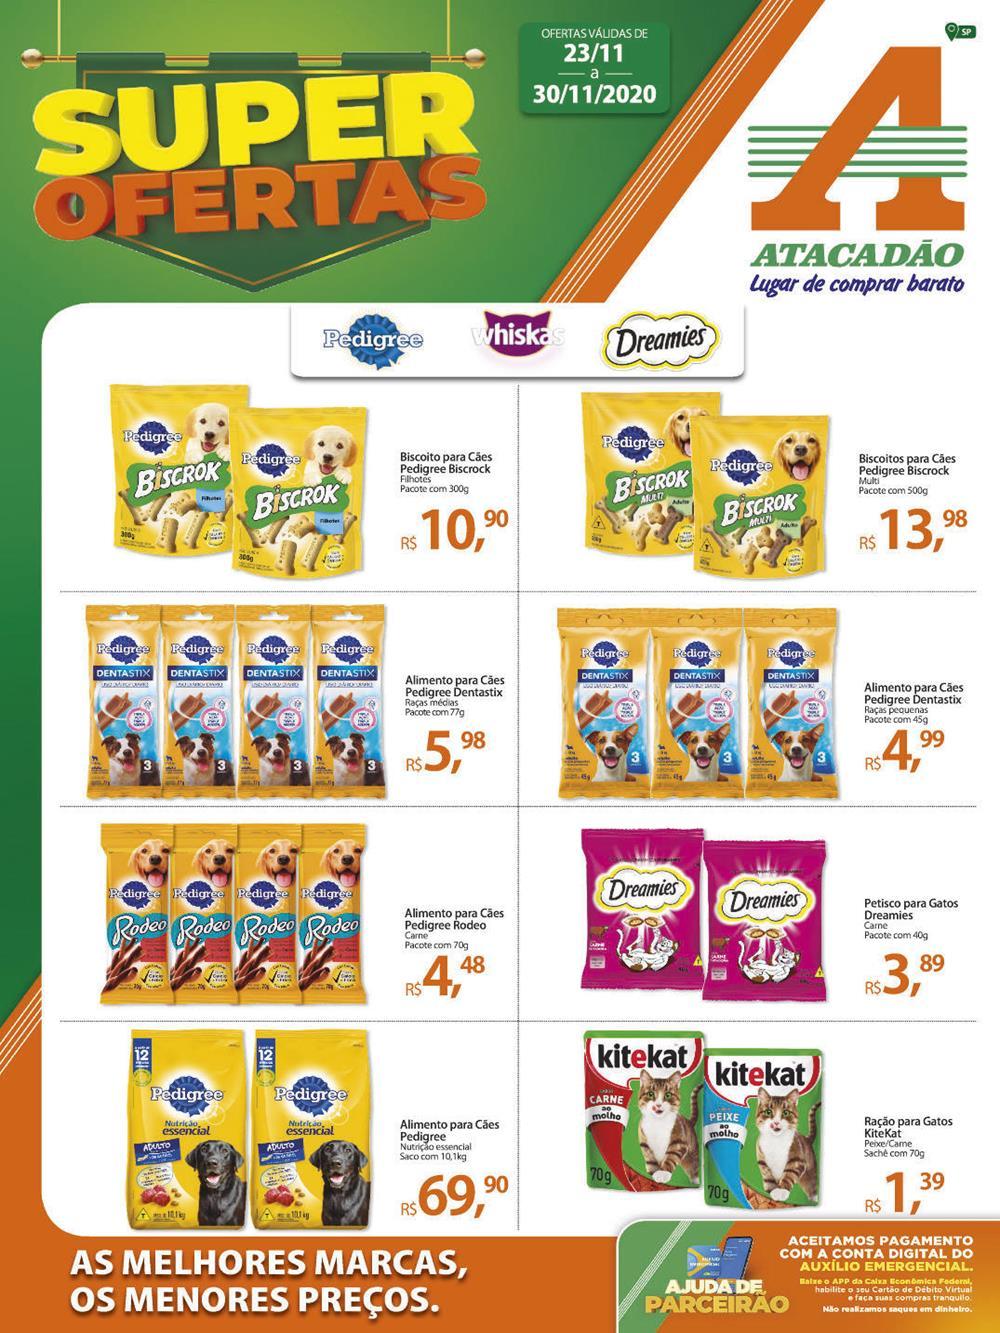 atacadao-ofertas-descontos-hoje1-14 Blaci Friday Folhetos atuais